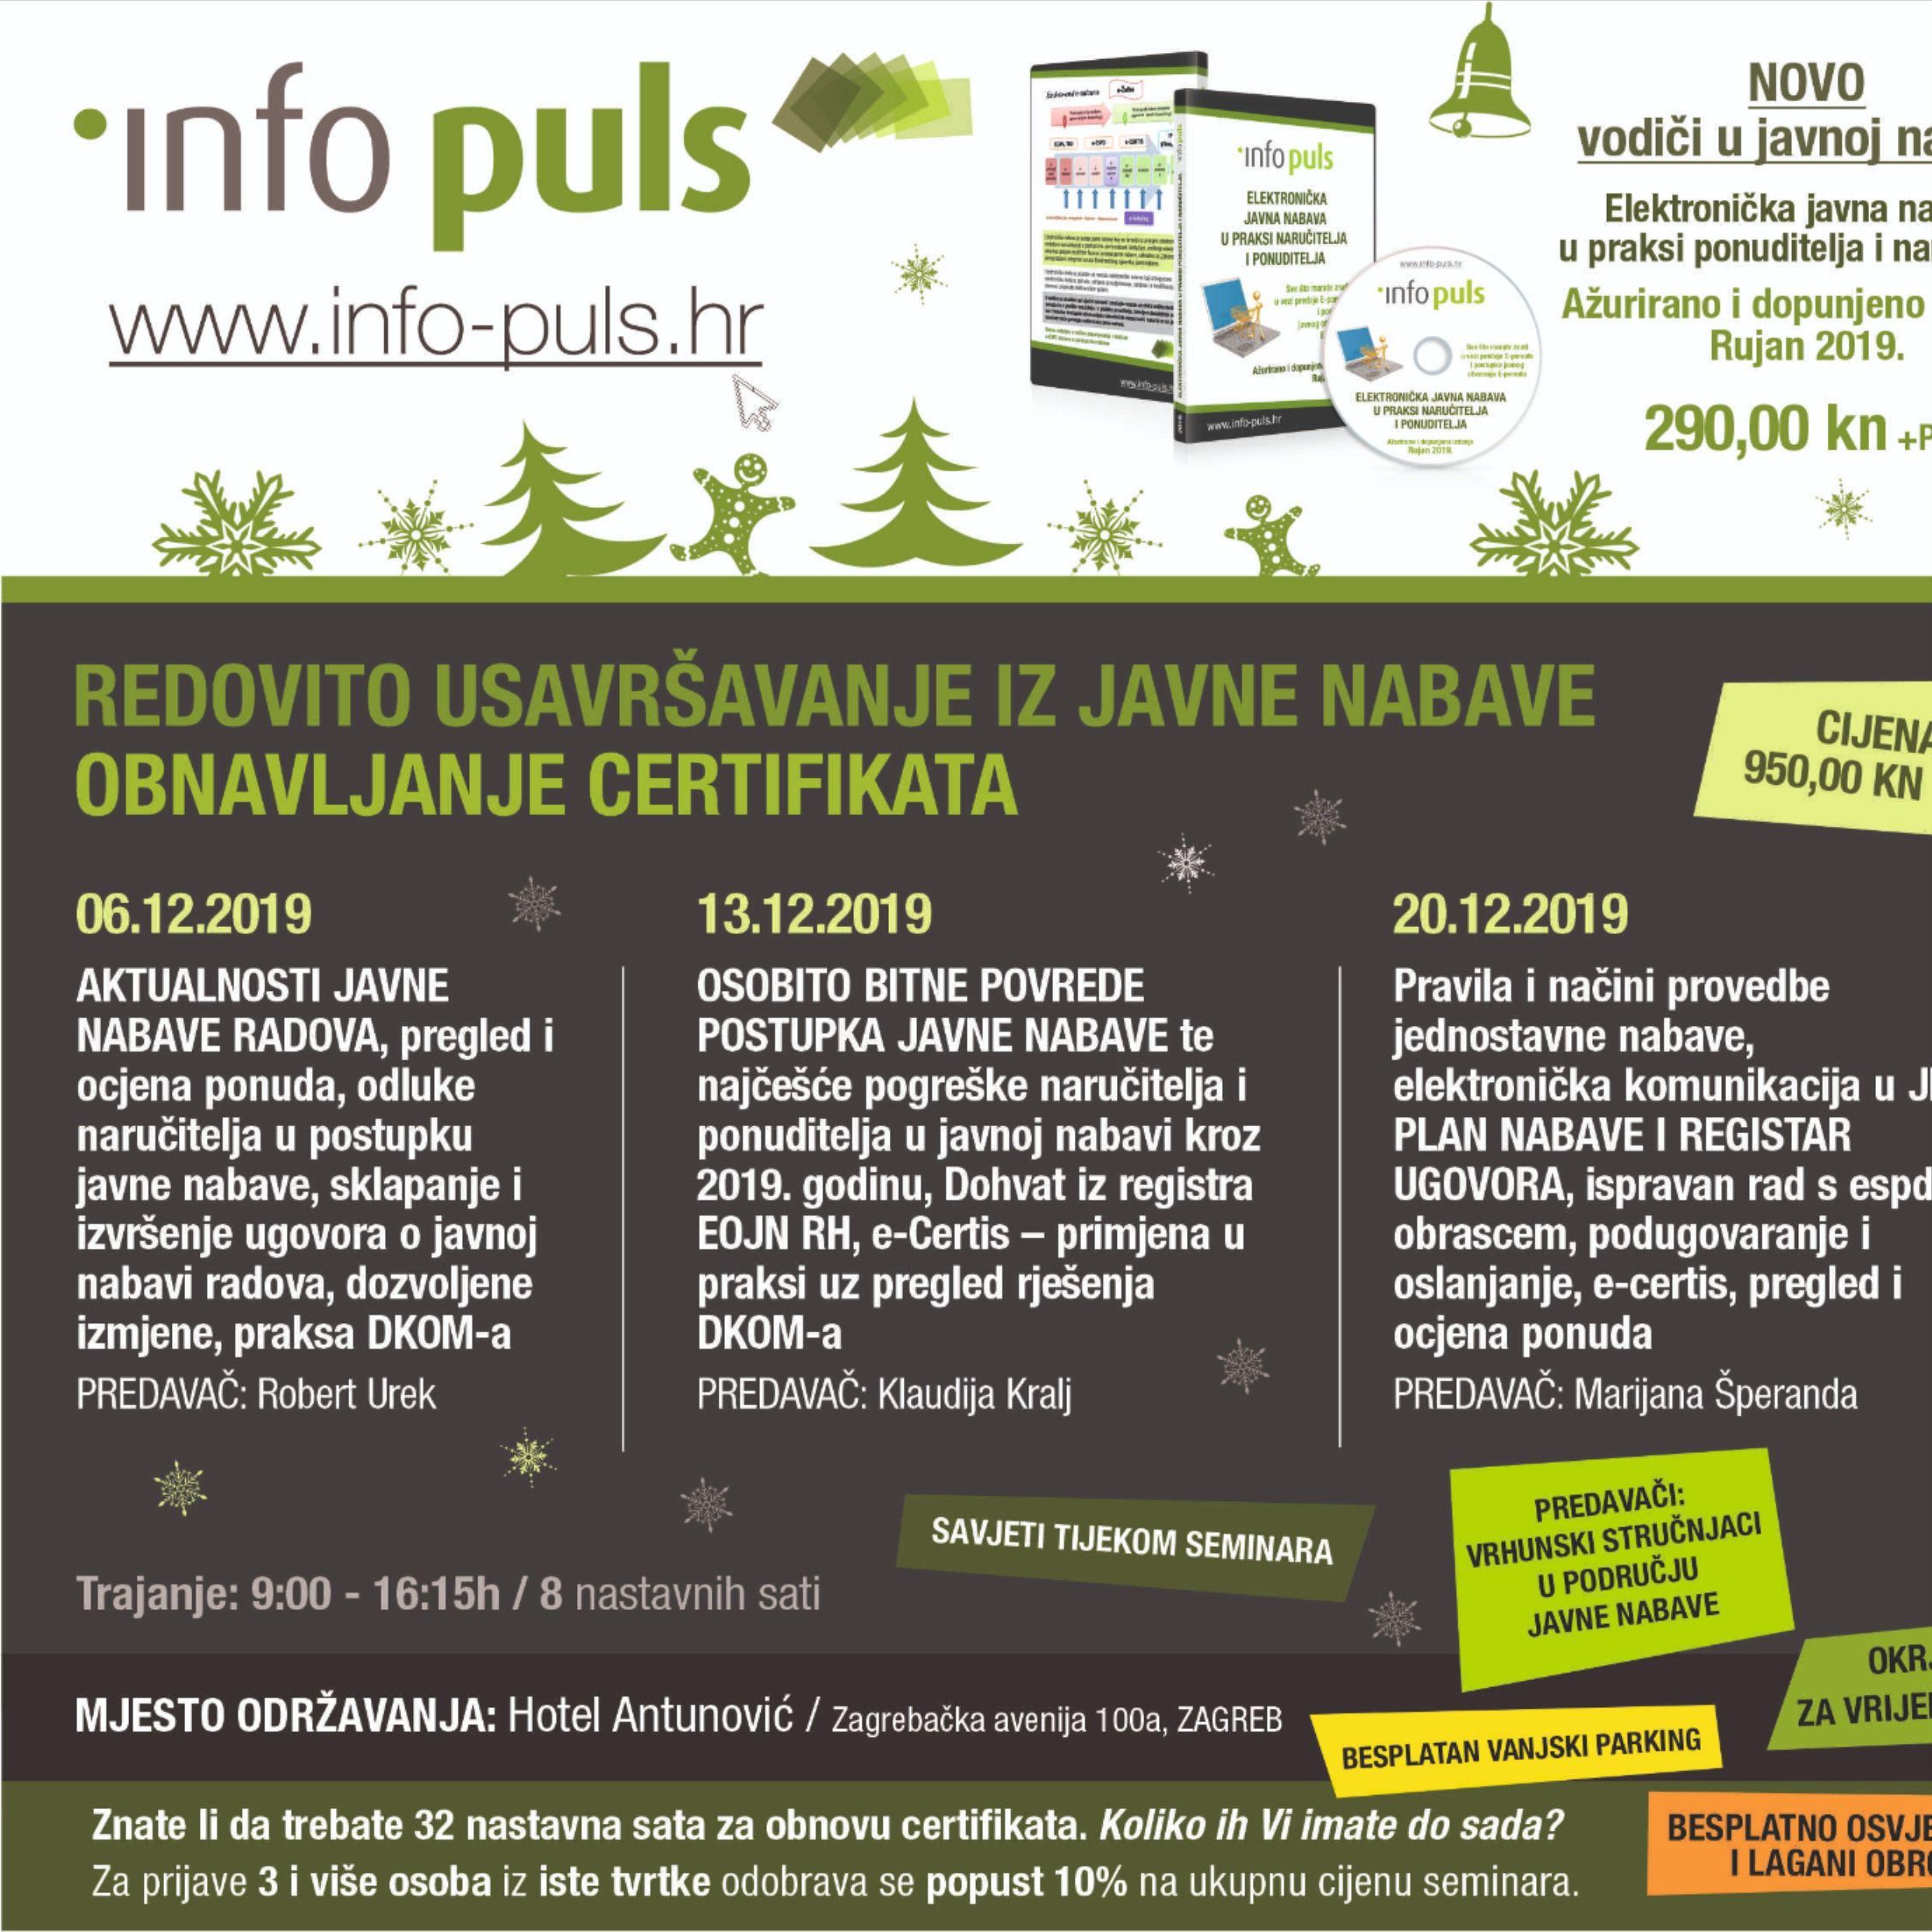 Edukacija Javna Nabava 12 2019